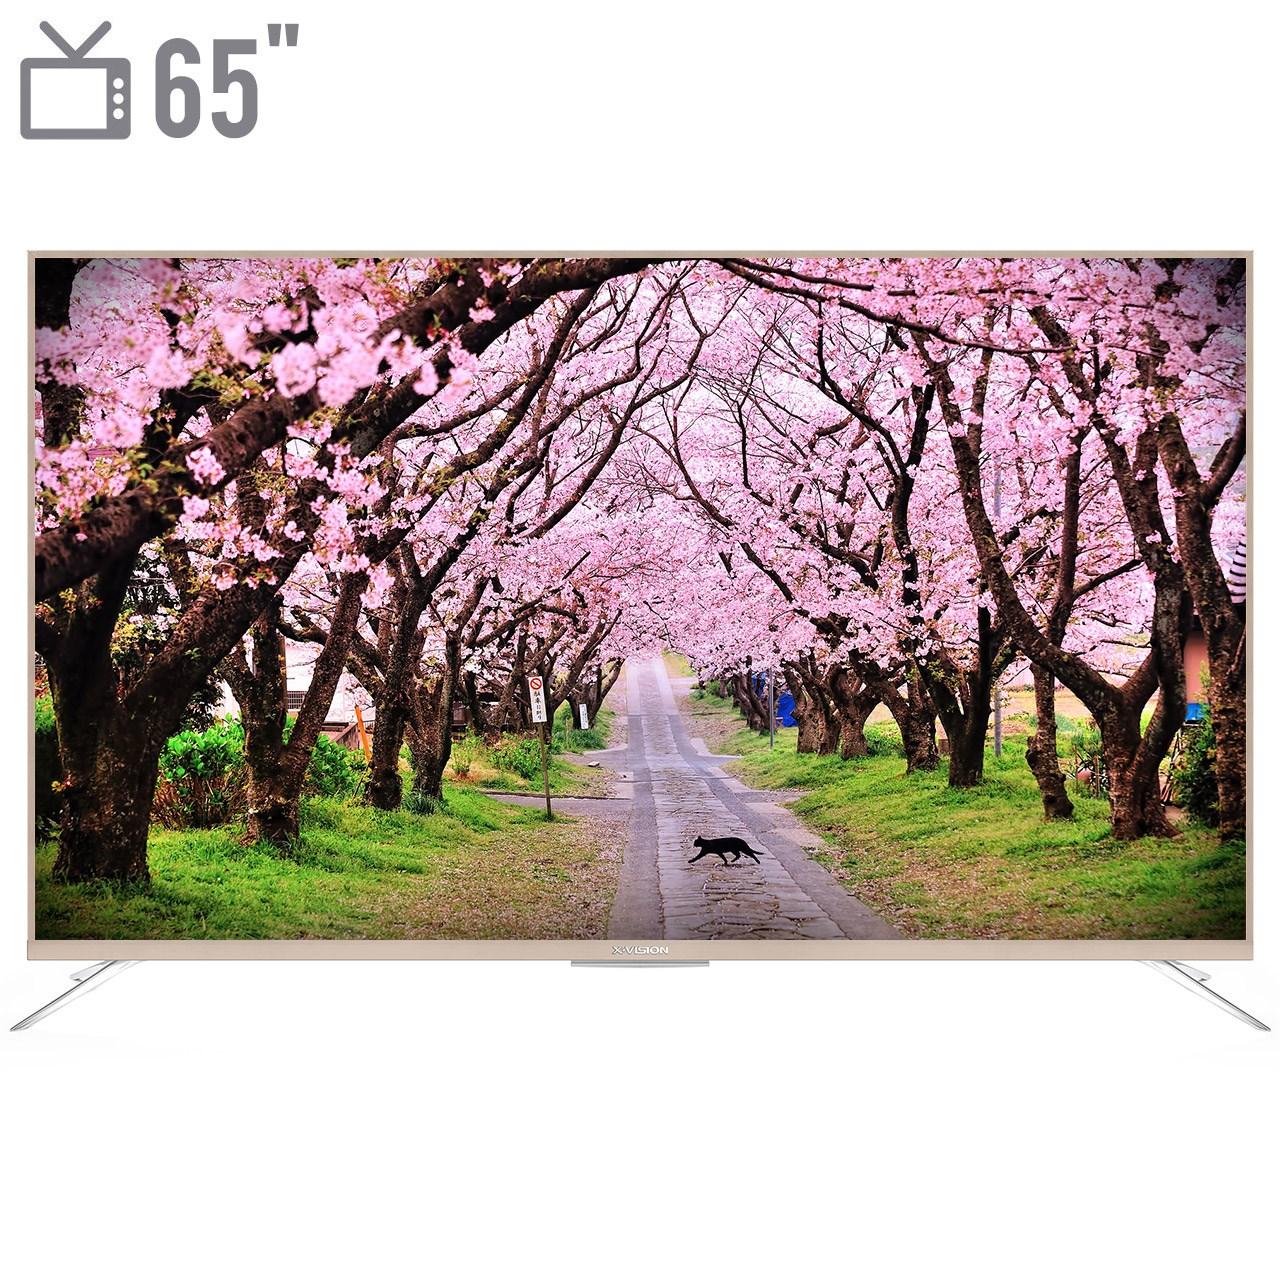 تلویزیون ال ای دی هوشمند ایکس ویژن مدل 65XTU815 سایز 65 اینچ